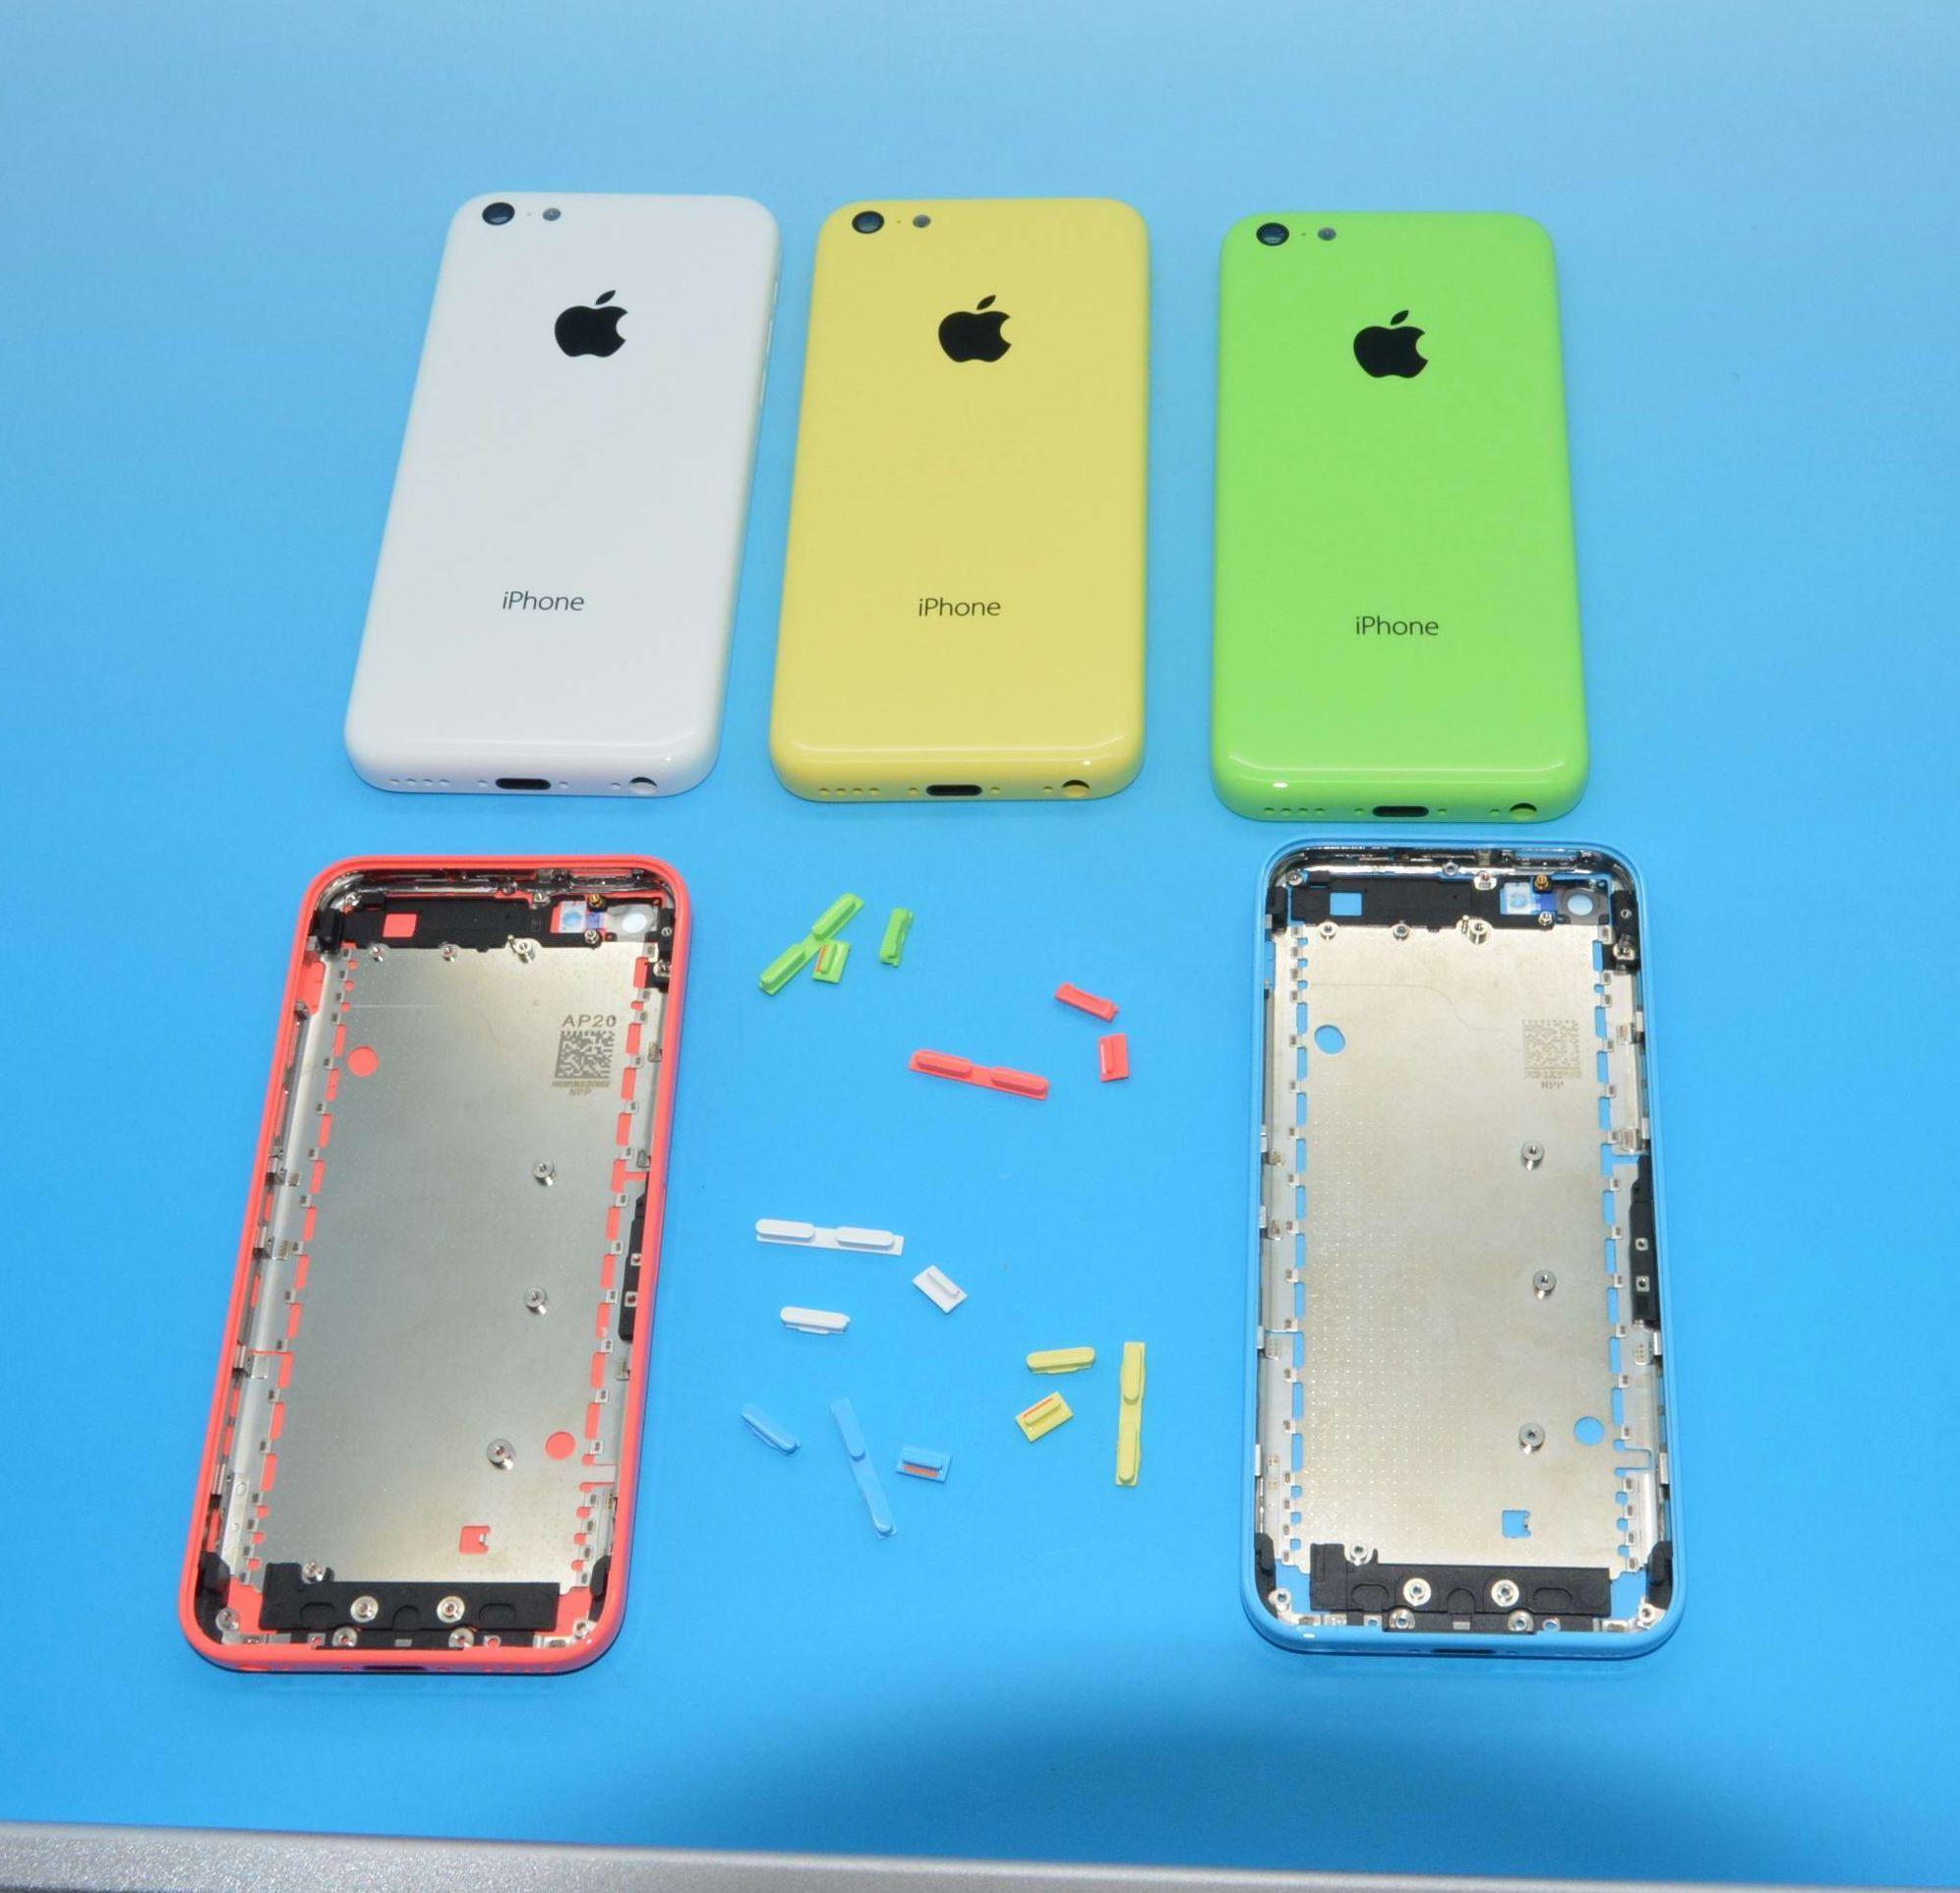 Etter mange år med bare én eller to farger, ser det ut til at Apple nå vil gi kundene sine litt friskere alternativer. Foto: SonnyDickson.com